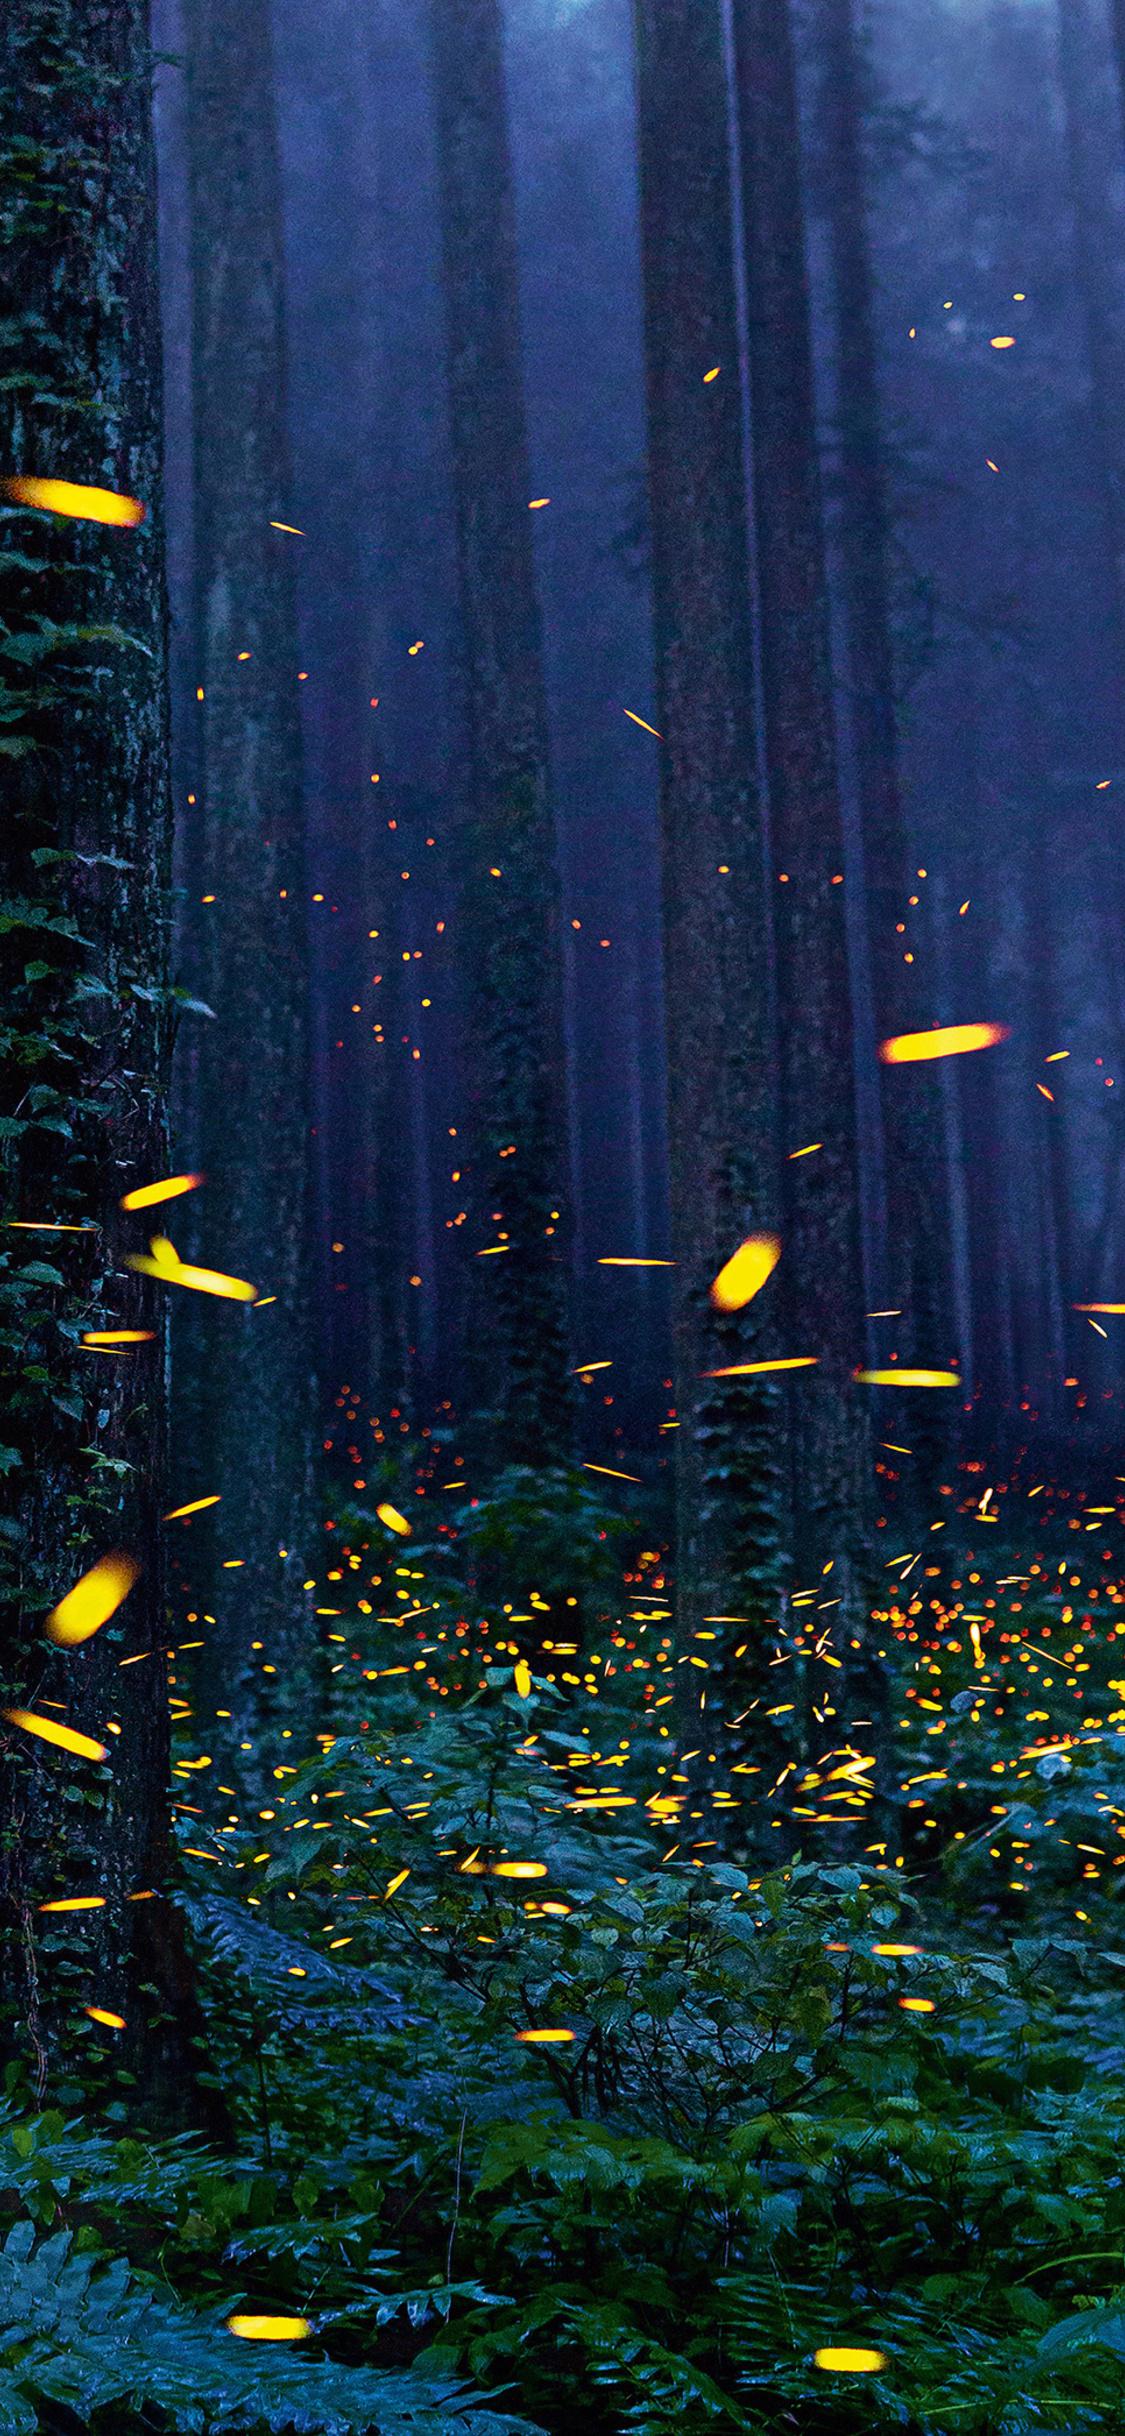 1125x2436 Fireflies Forest 4k Iphone X,Iphone 10 HD 4k Wallpapers ... for Fireflies Wallpaper Iphone  545xkb